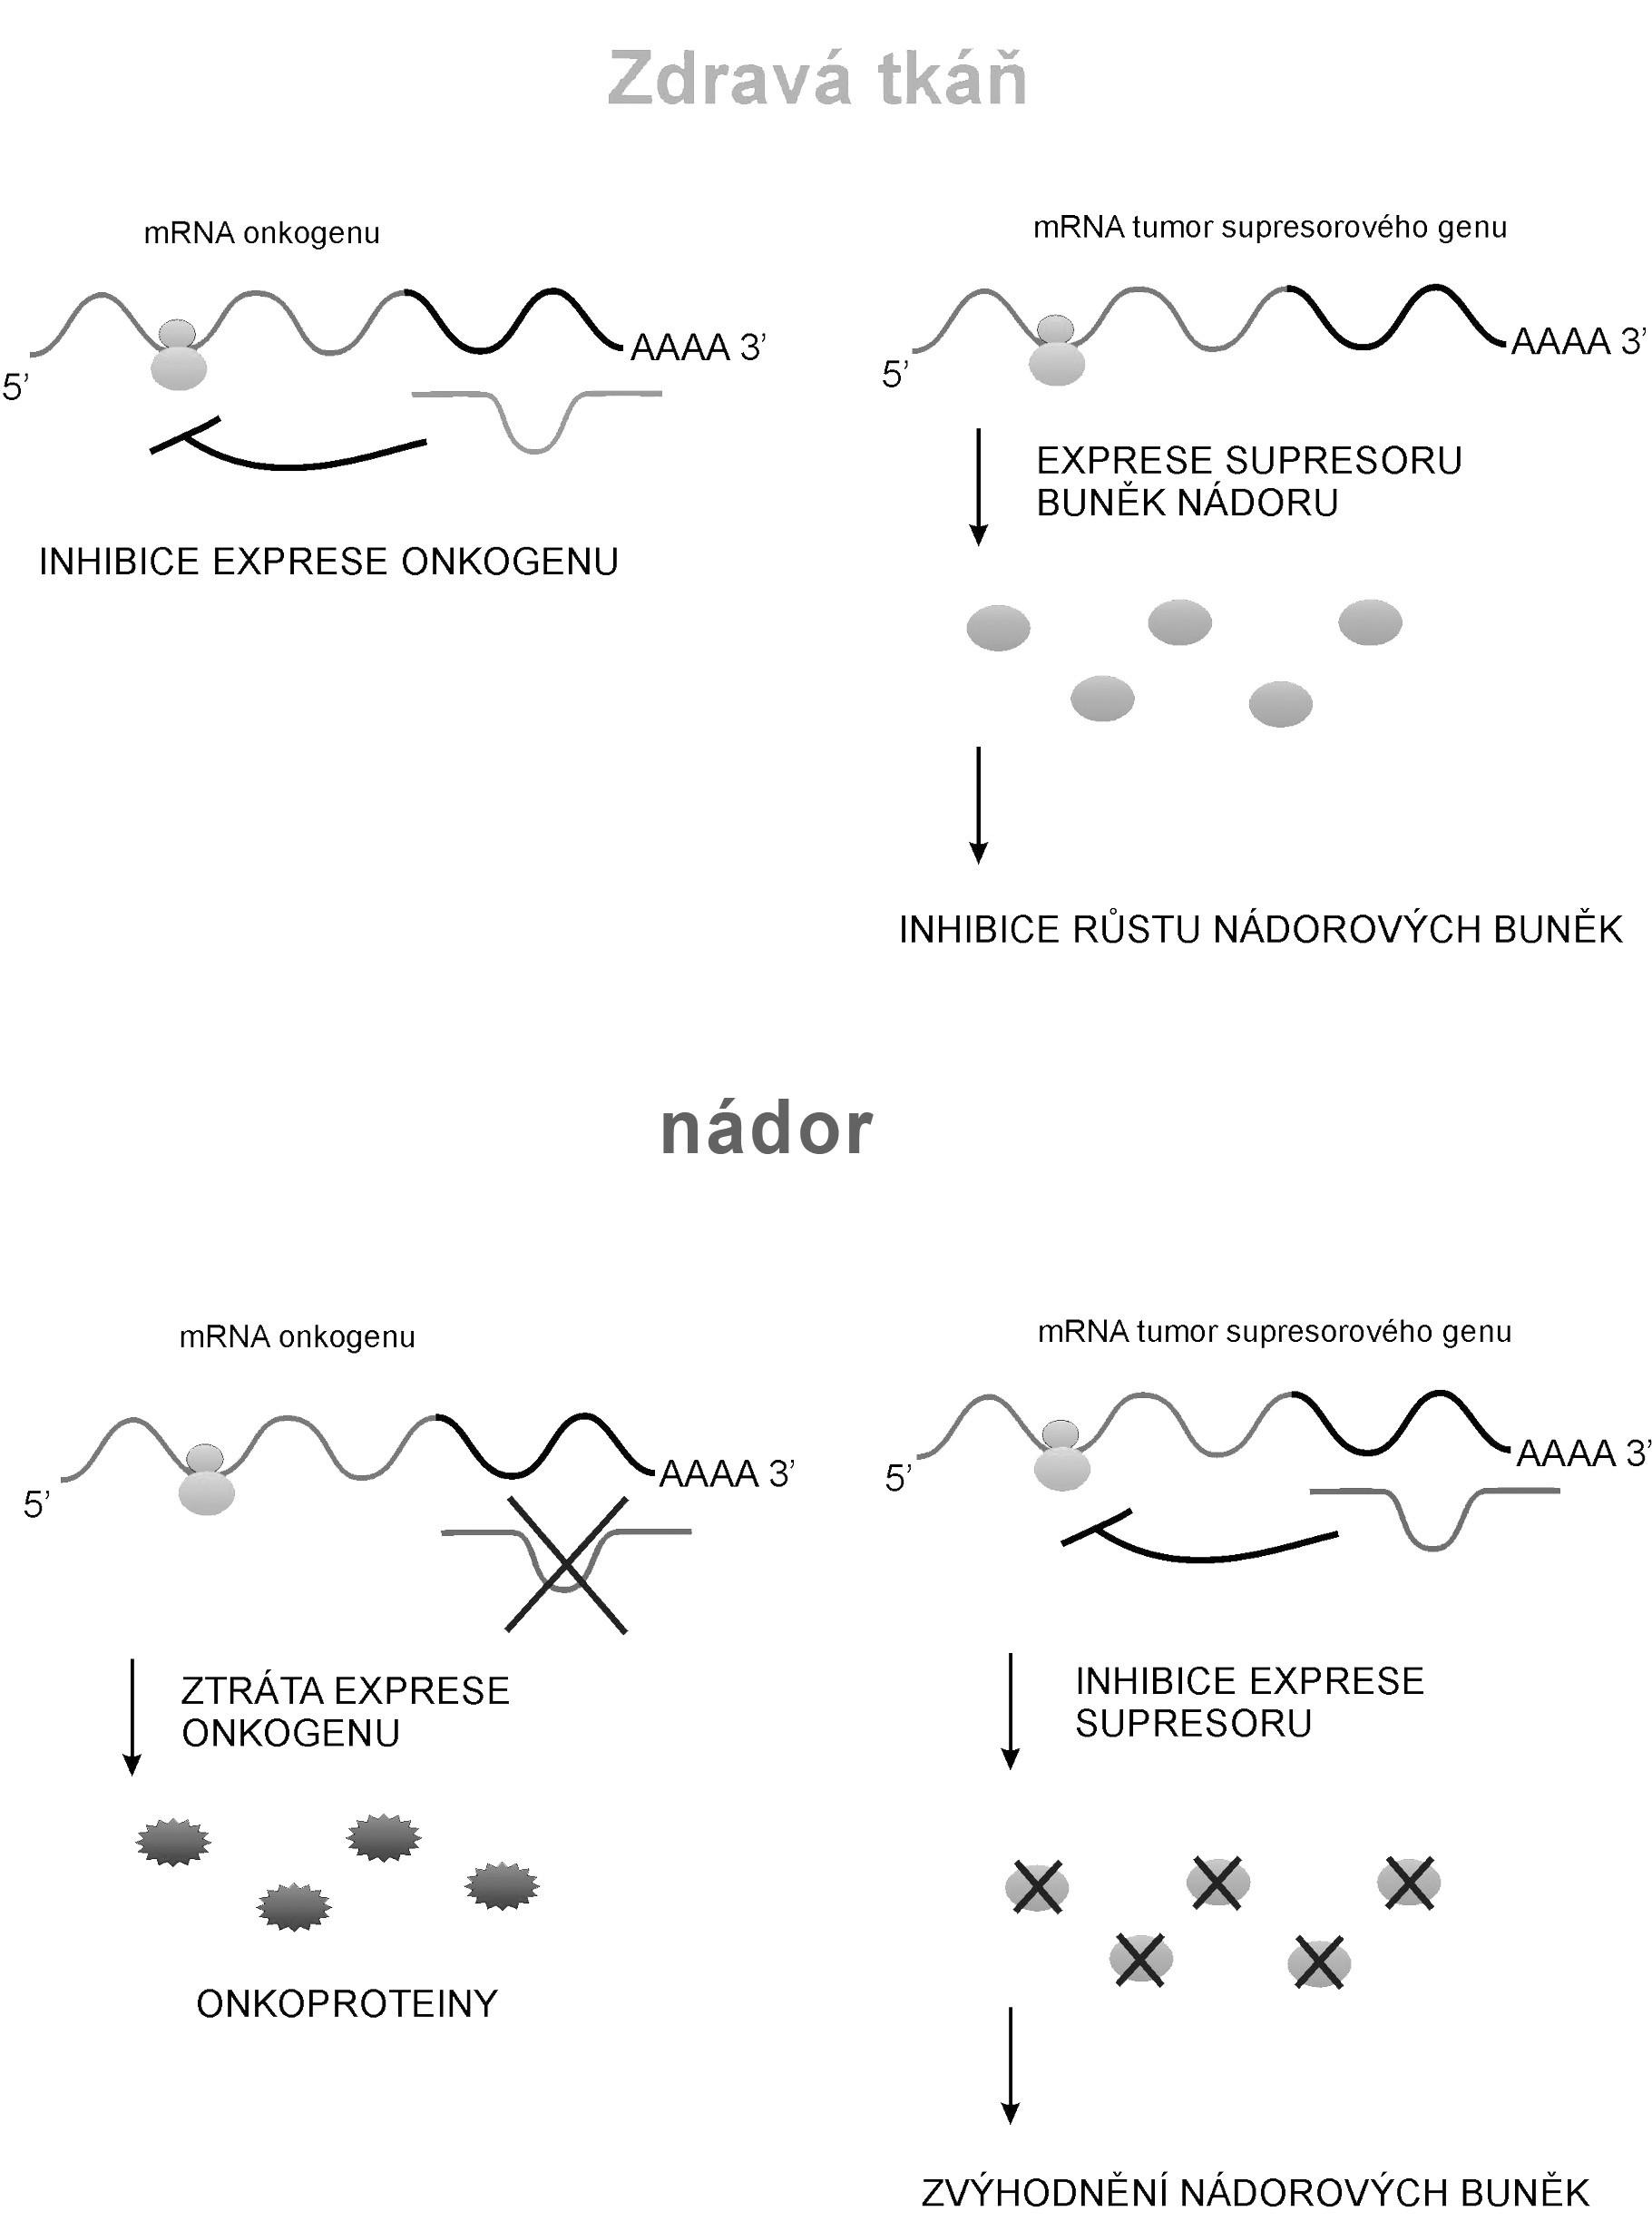 Obecné schéma kontroly nádorového bujení molekulami miRNA